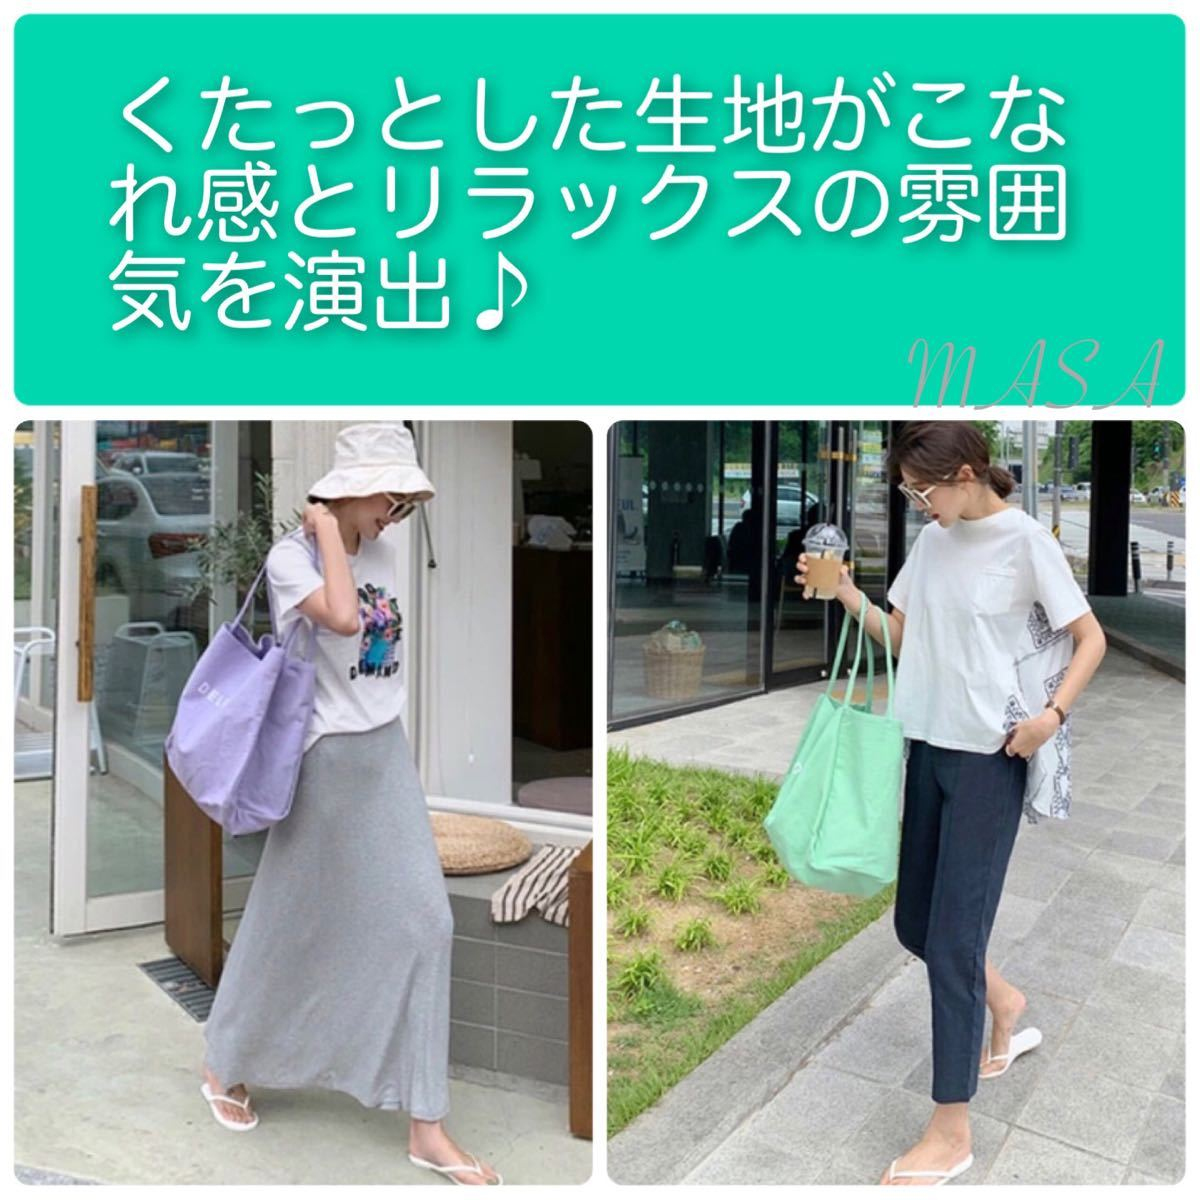 新品 バッグ 鞄 トートバッグ 通学 エコ マザーバッグ 韓国ファッション イエロー